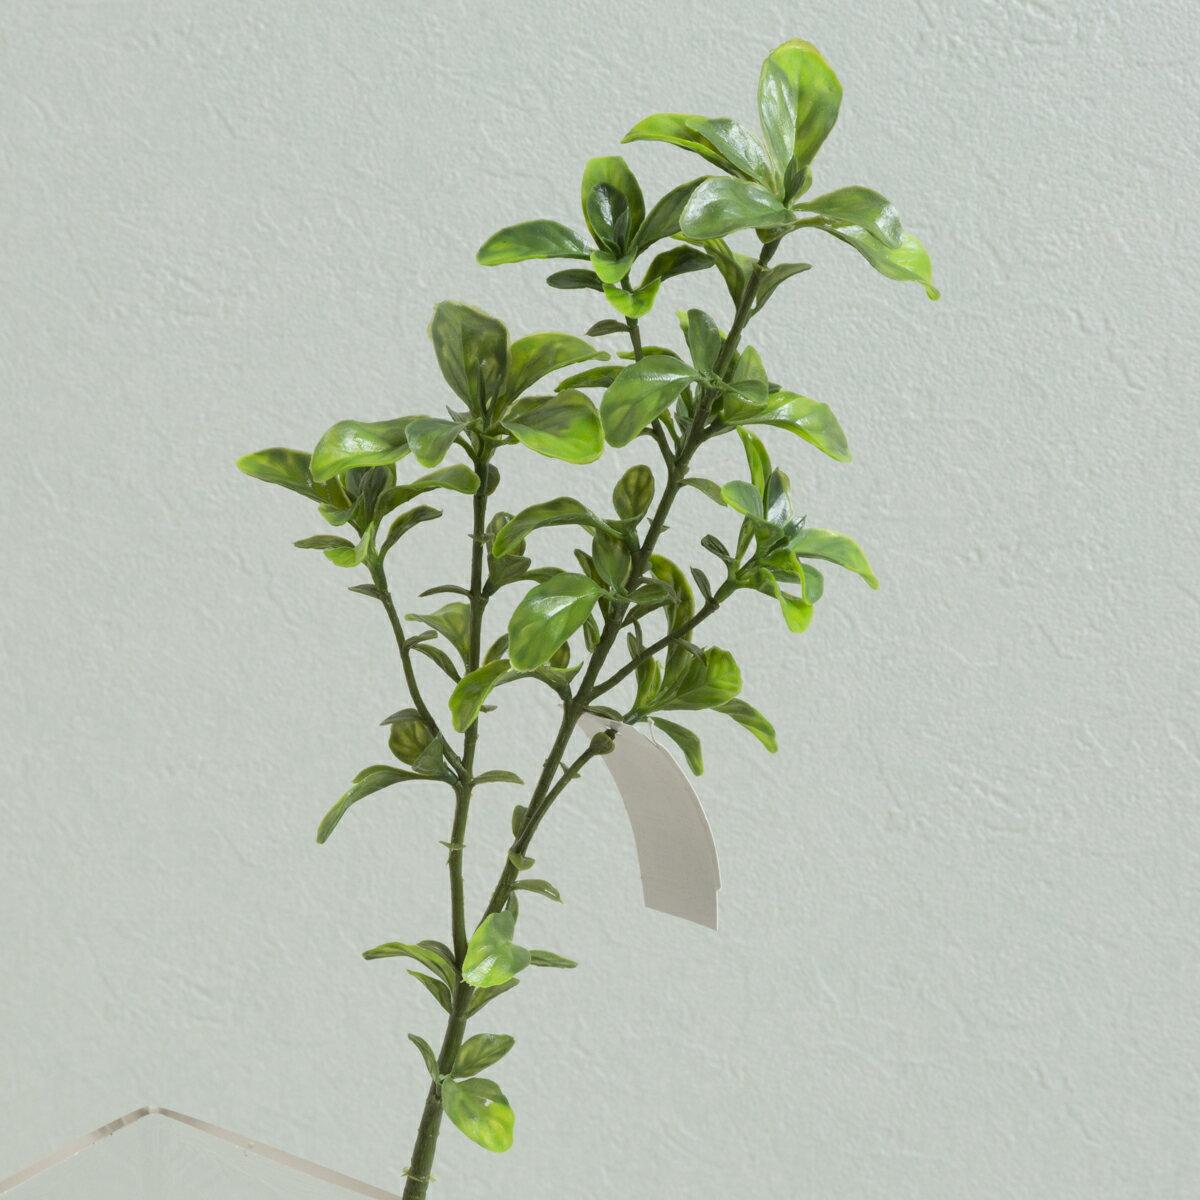 即日★【造花】YDM/ボックスウッドスプレー グリーン/FG4620-GR【00】《 造花(アーティフィシャルフラワー) 造花葉物、フェイクグリーン その他の造花葉物・フェイクグリーン 》